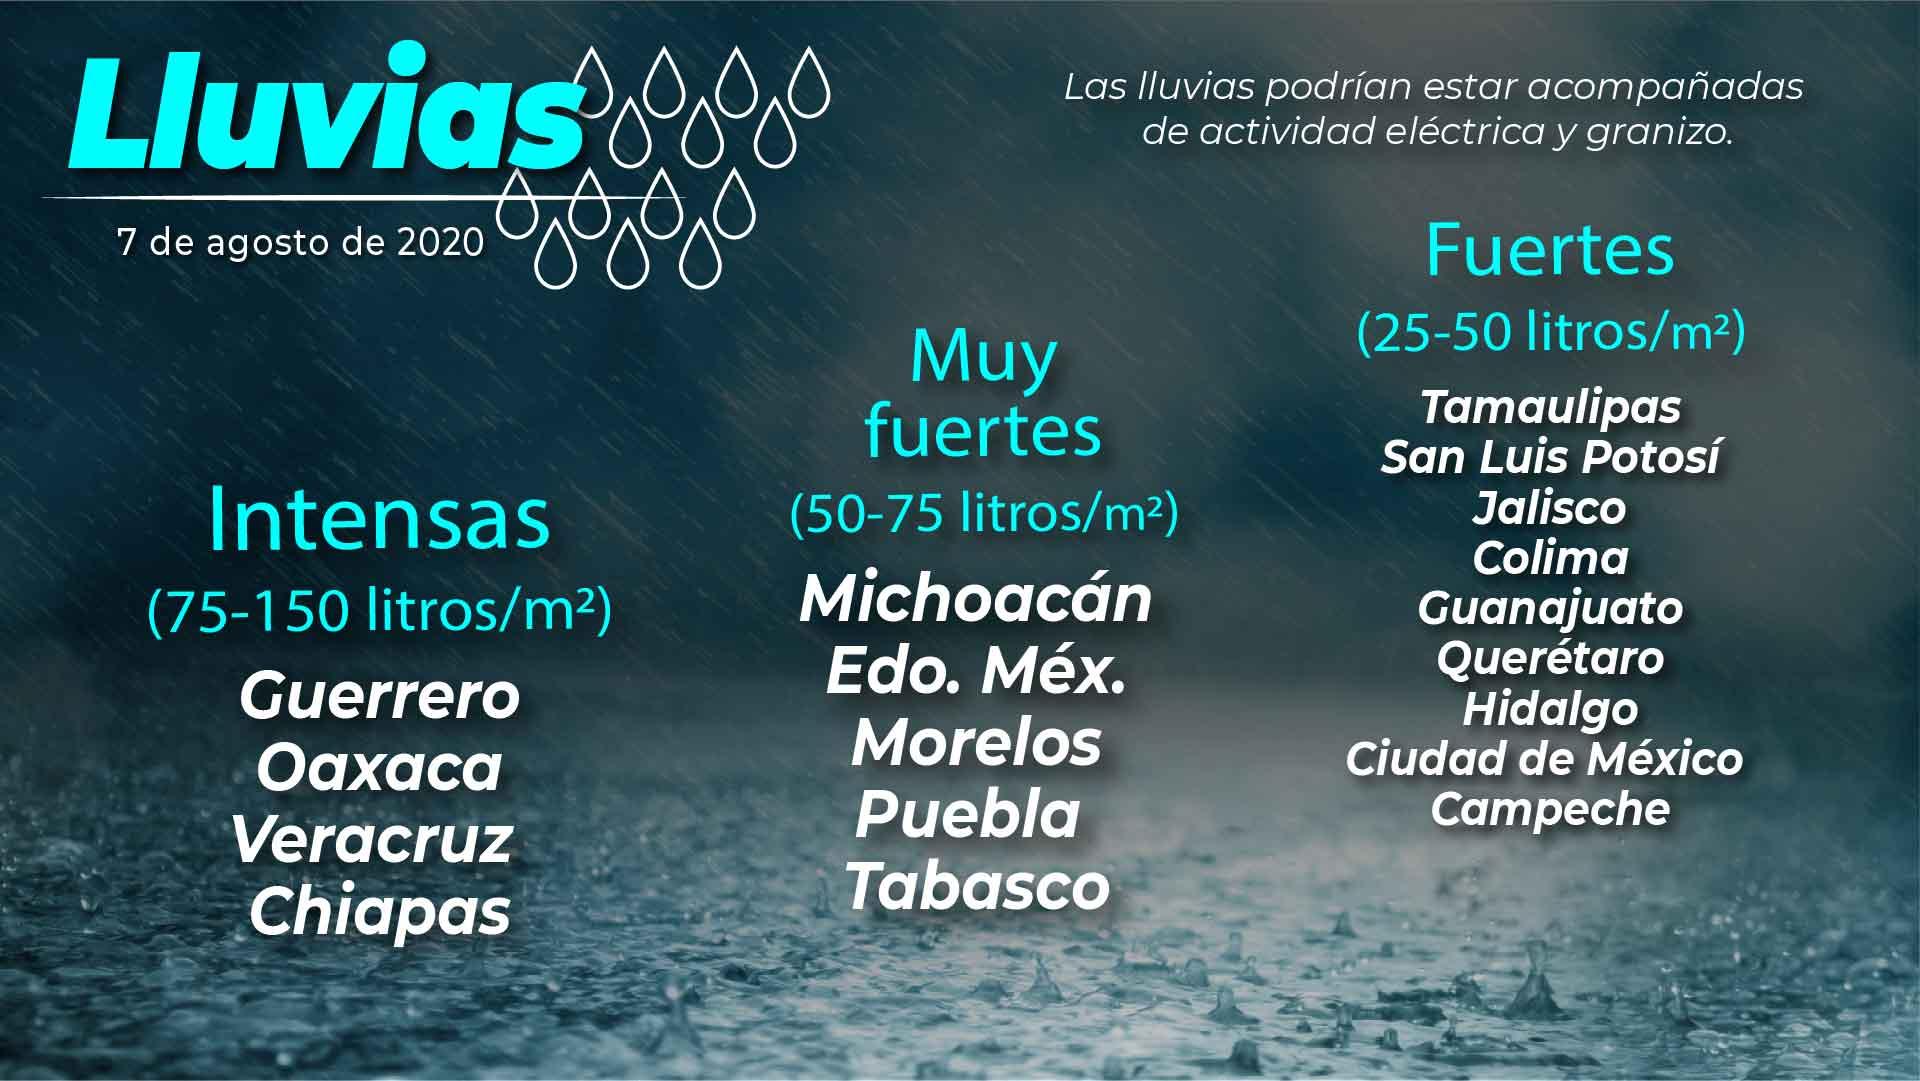 Se pronostican lluvias intensas para Chiapas, Guerrero, Oaxaca y Veracruz